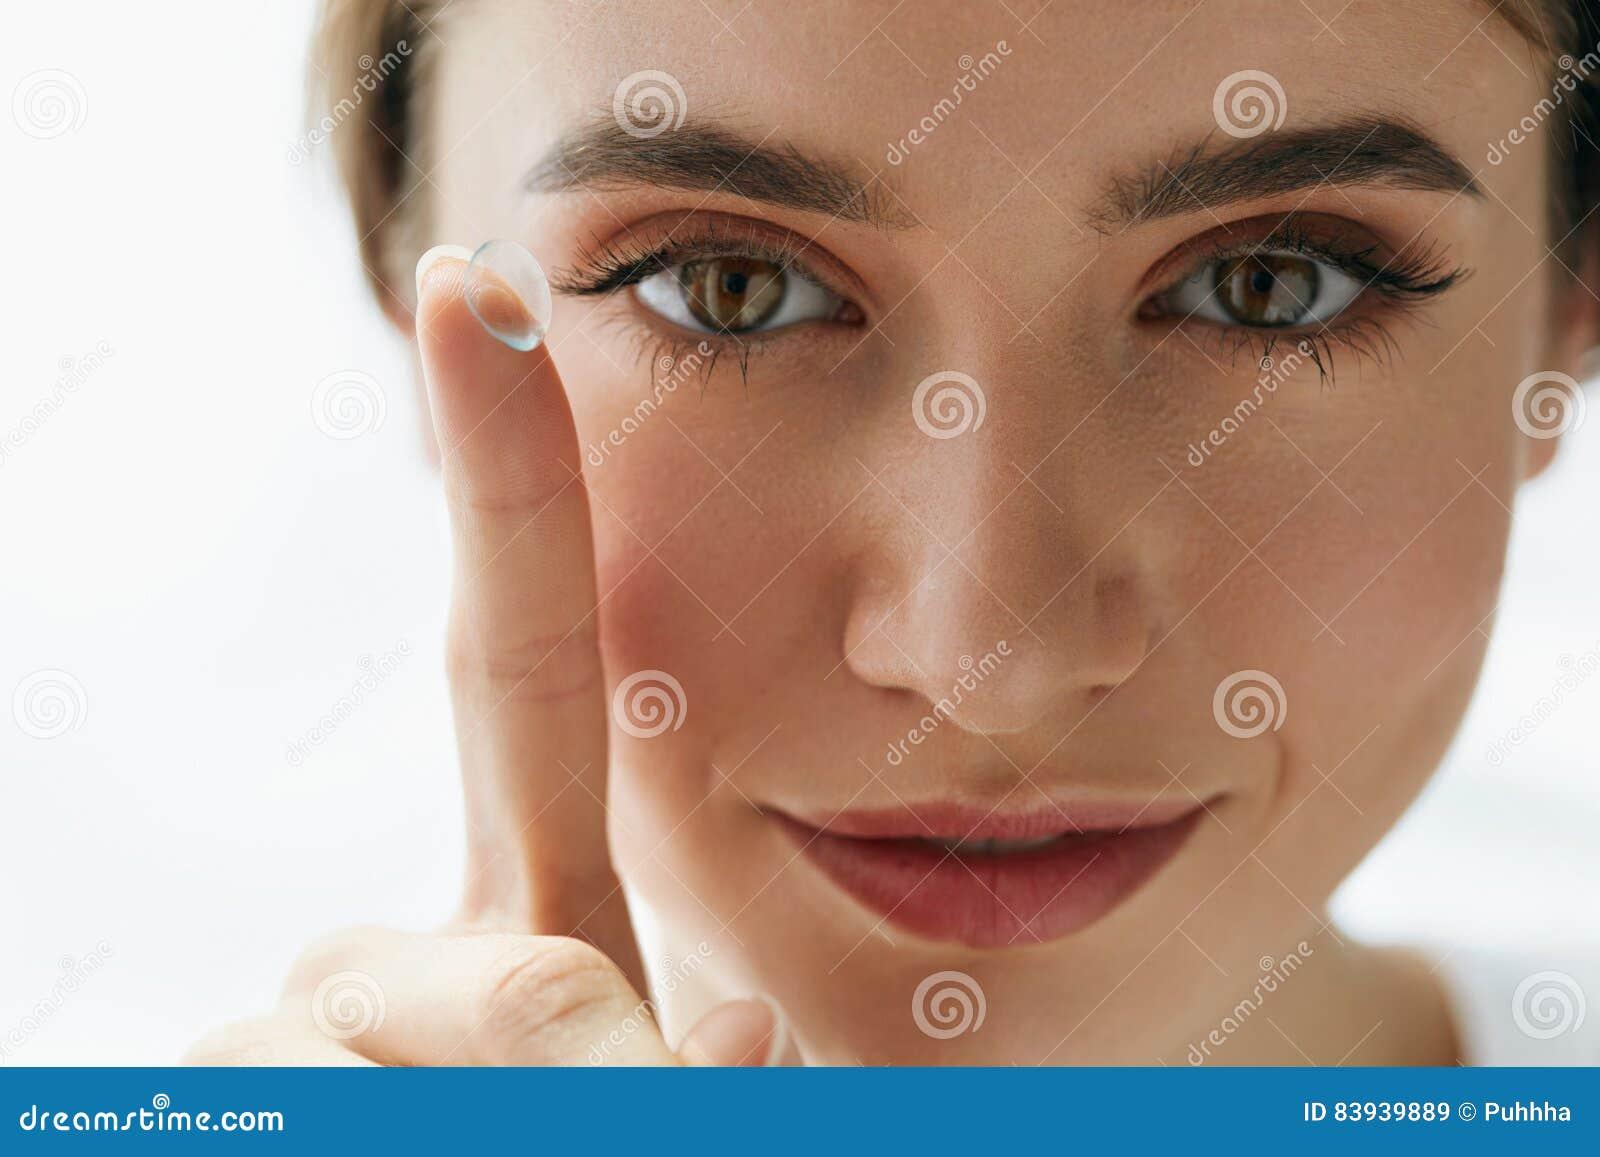 Κινηματογράφηση σε πρώτο πλάνο της όμορφης γυναίκας που εφαρμόζει το φακό ματιών στο μάτι